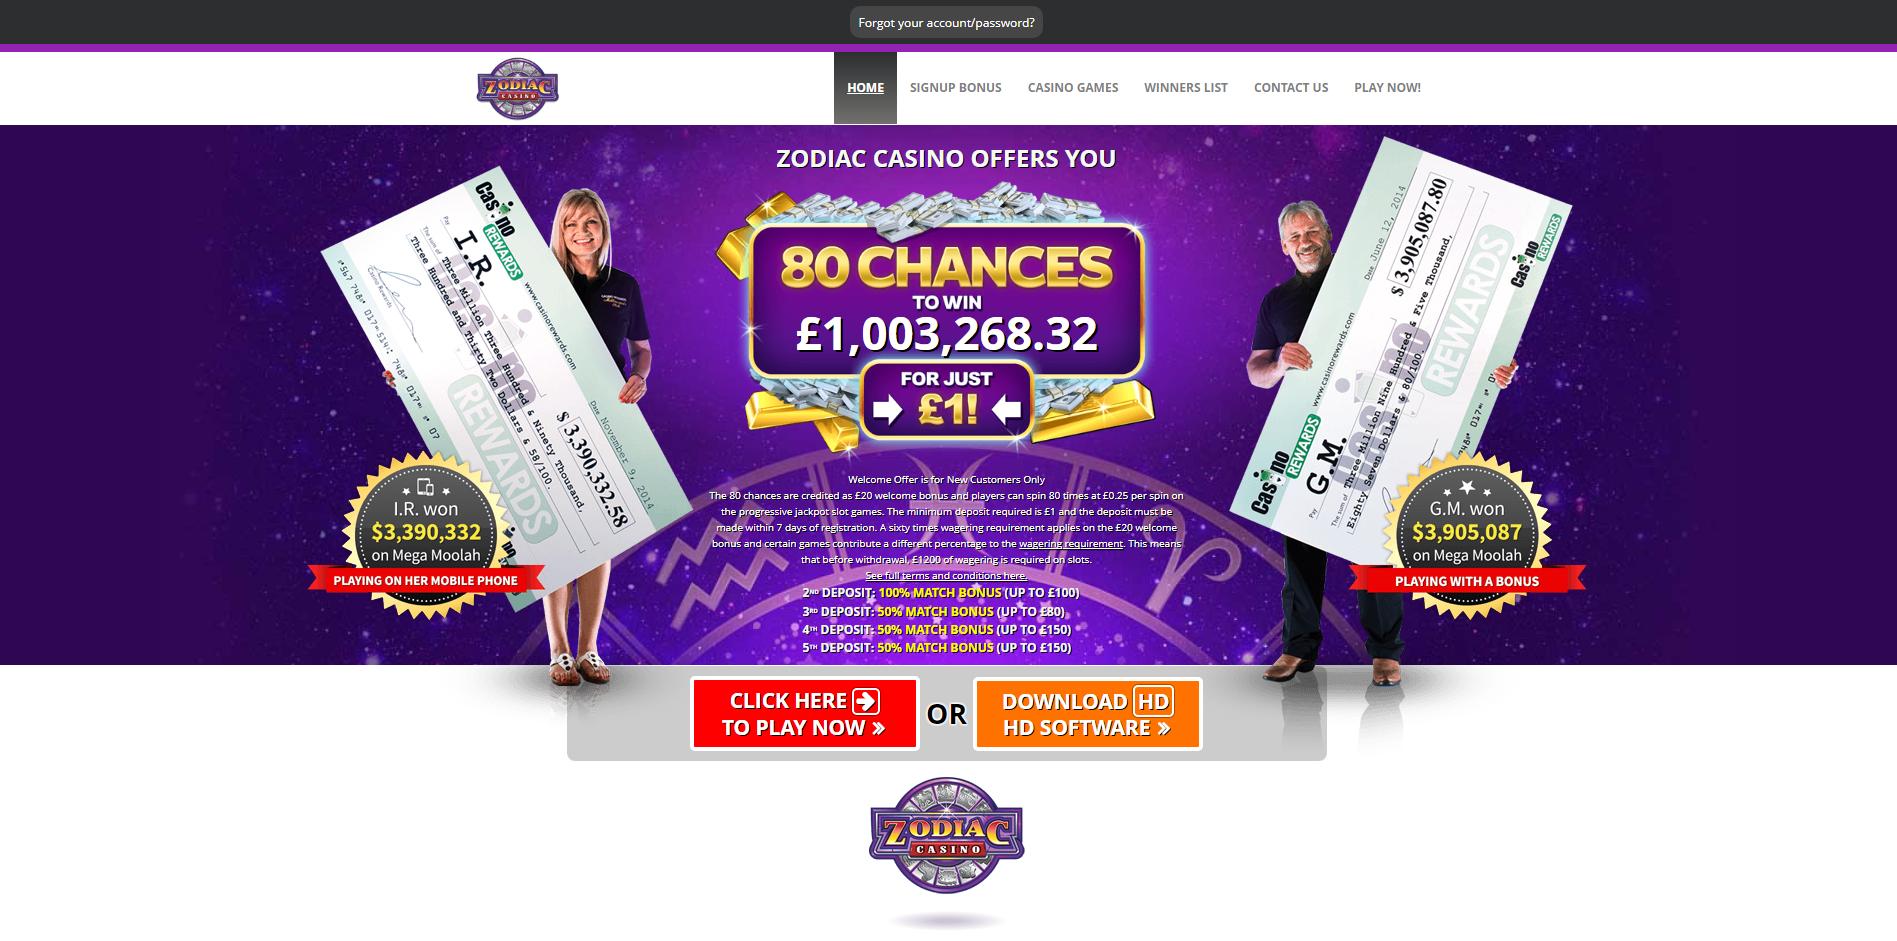 Zodiac-Casino-online